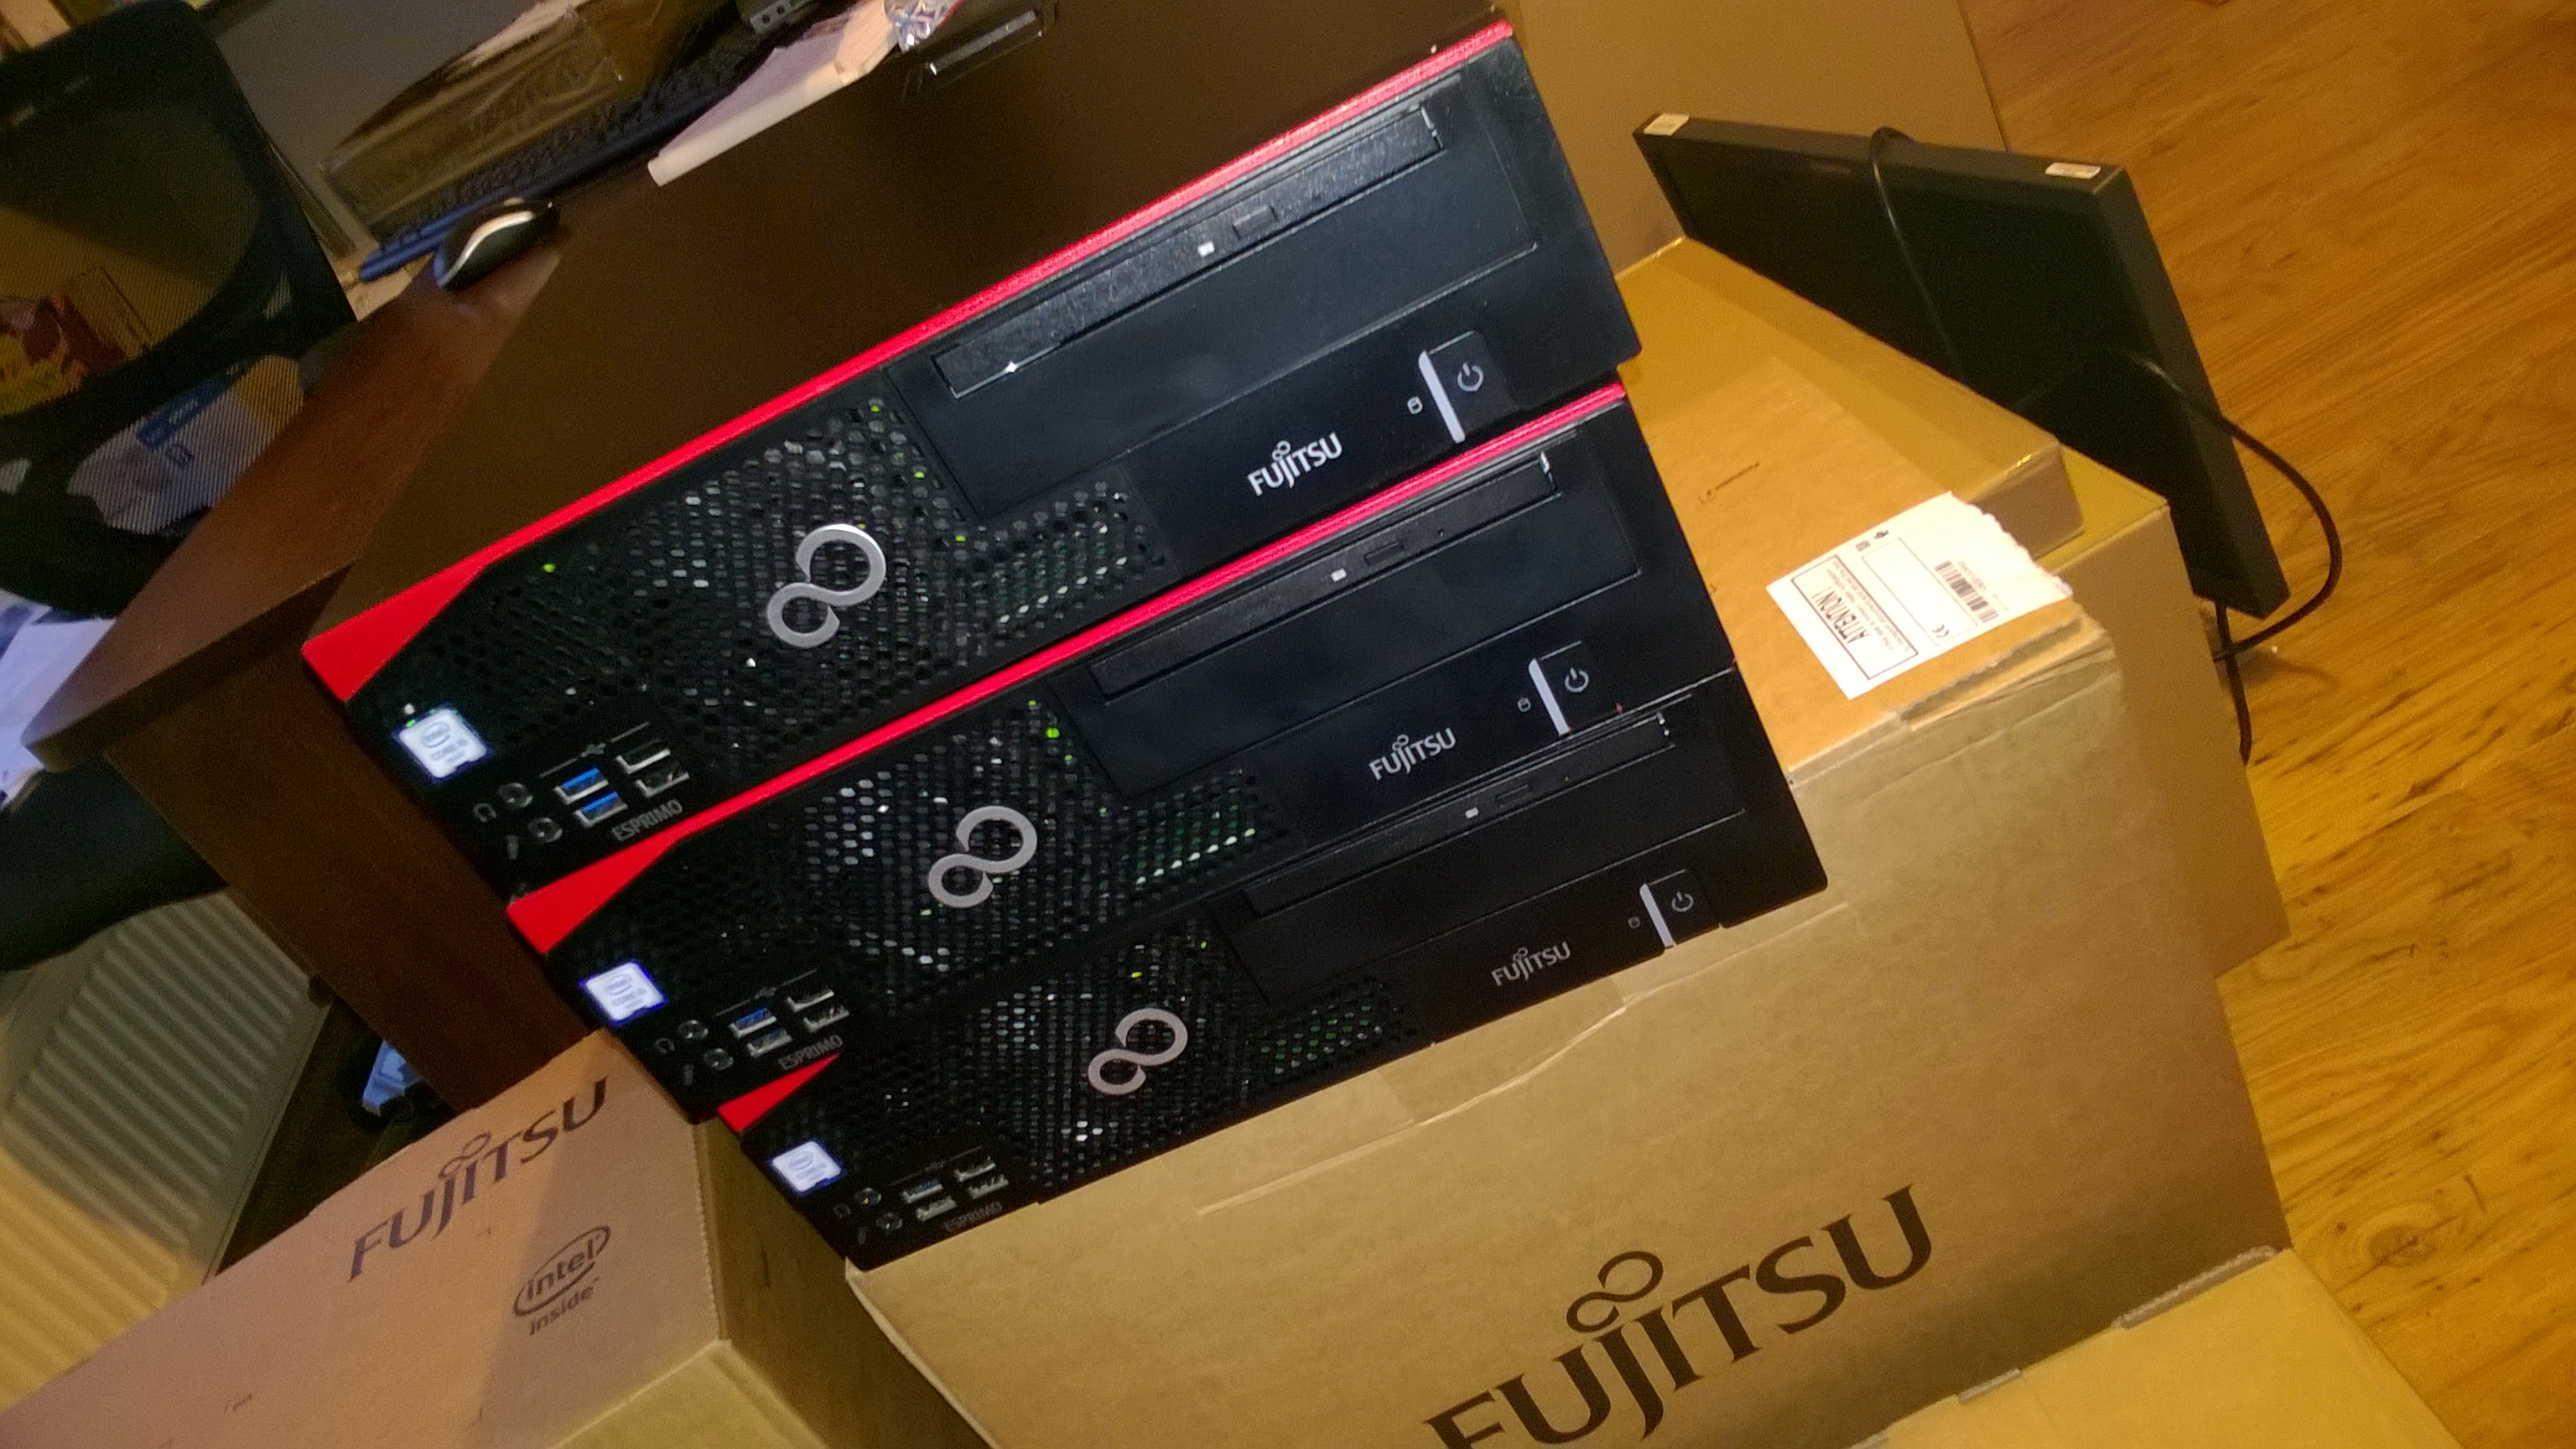 KOMPUTERY FUJITSU nowe i poleasingowe sklep komputerowy stalowa wola sandomierz tarnobrzeg kraśnik janów lubelski biłgoraj